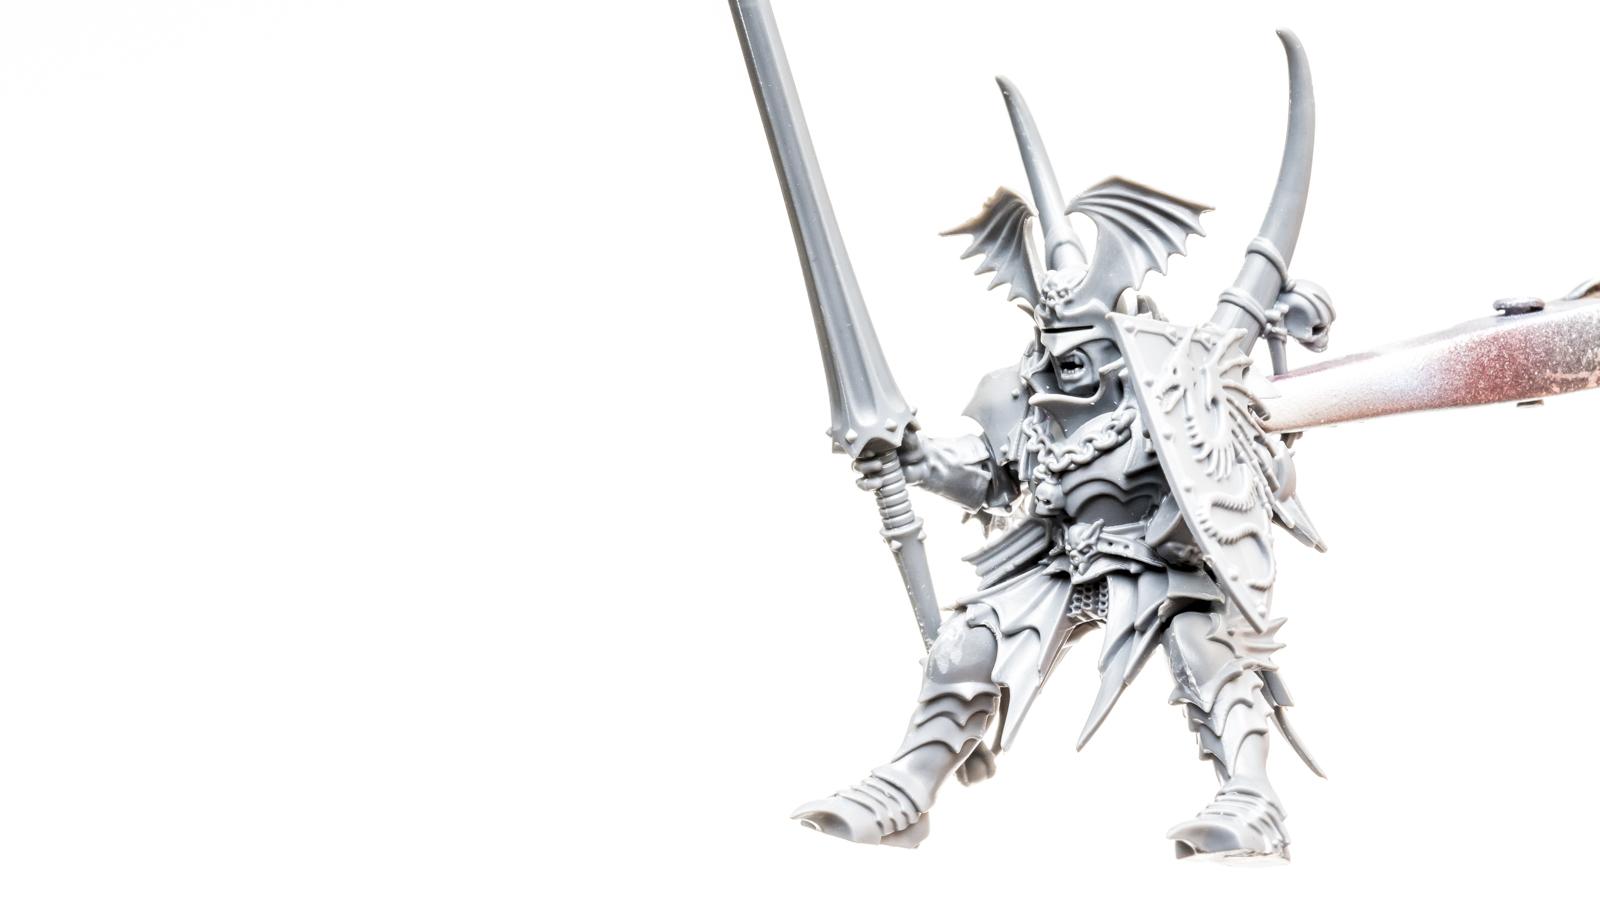 キミは腐ったドラゴンのプラモデルを組んだことがあるか(後編)_b0029315_13460548.jpg